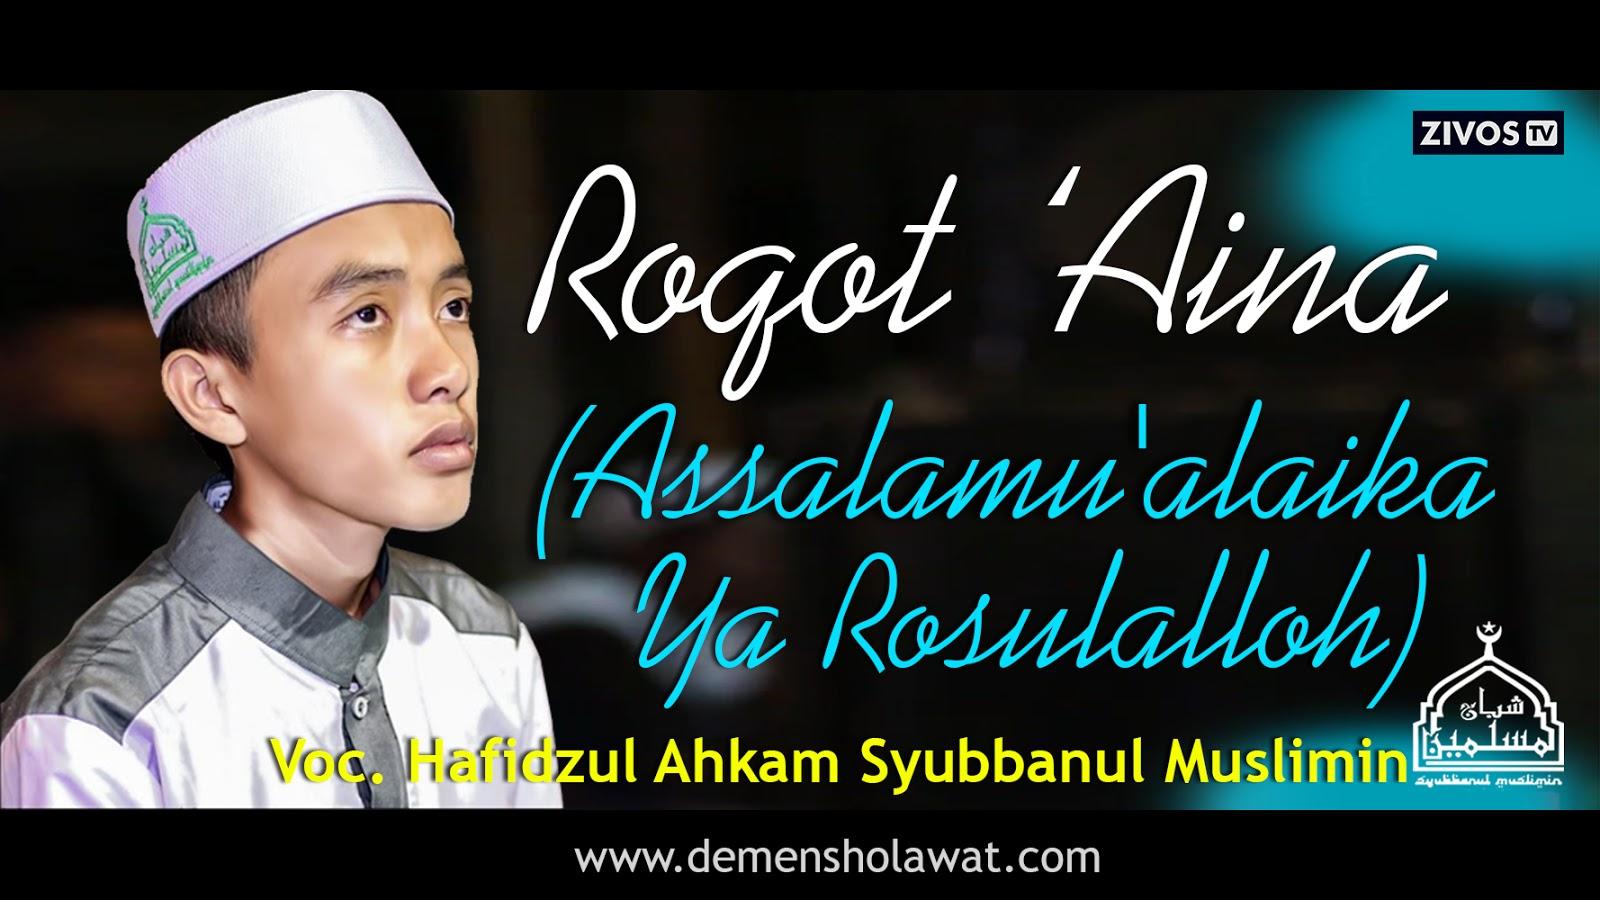 Lirik Roqot Aina (Assalamu'alaika Ya Rosulalloh ...